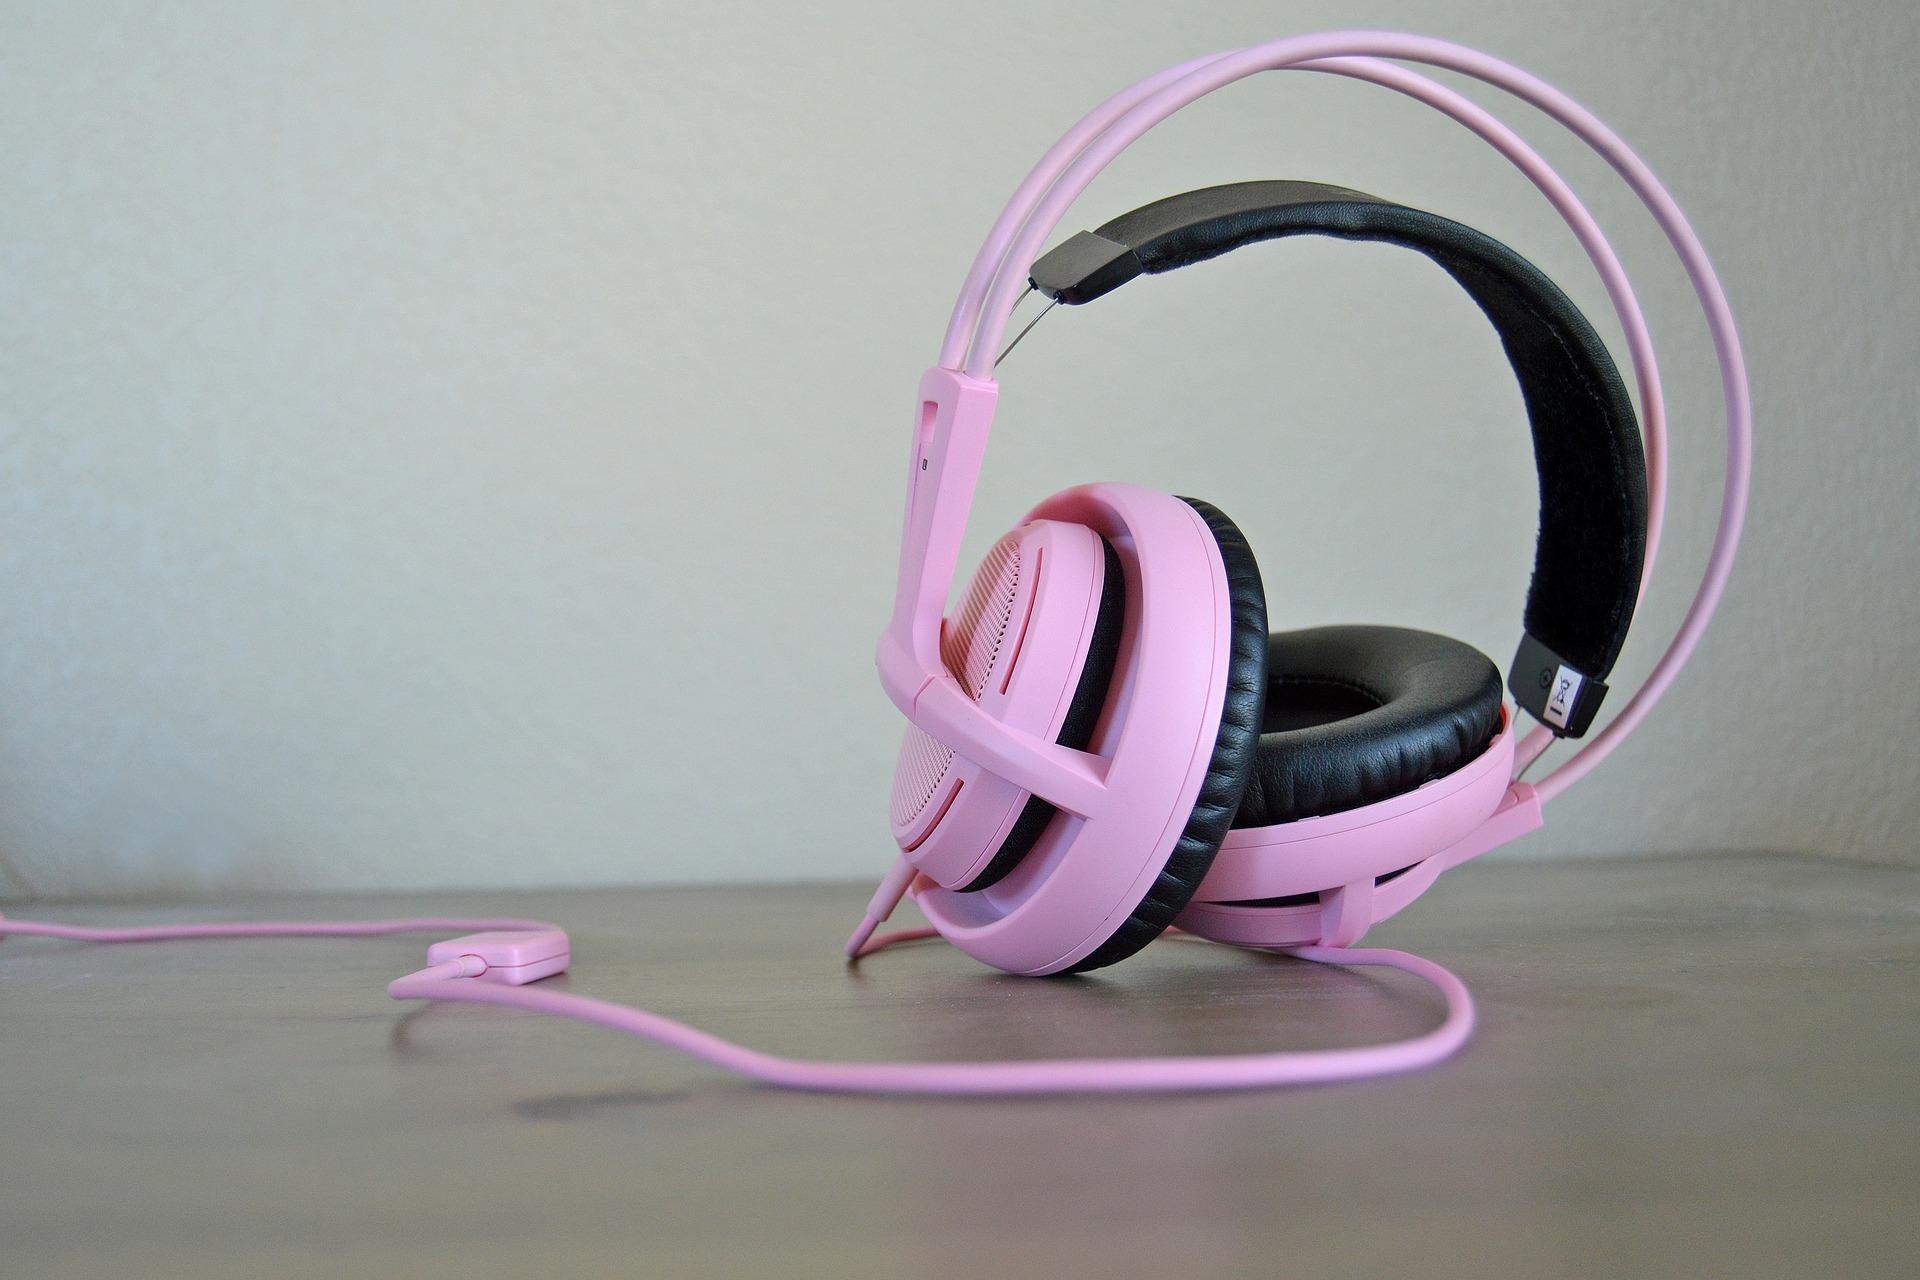 Imagem mostra um headset rosa em destaque.